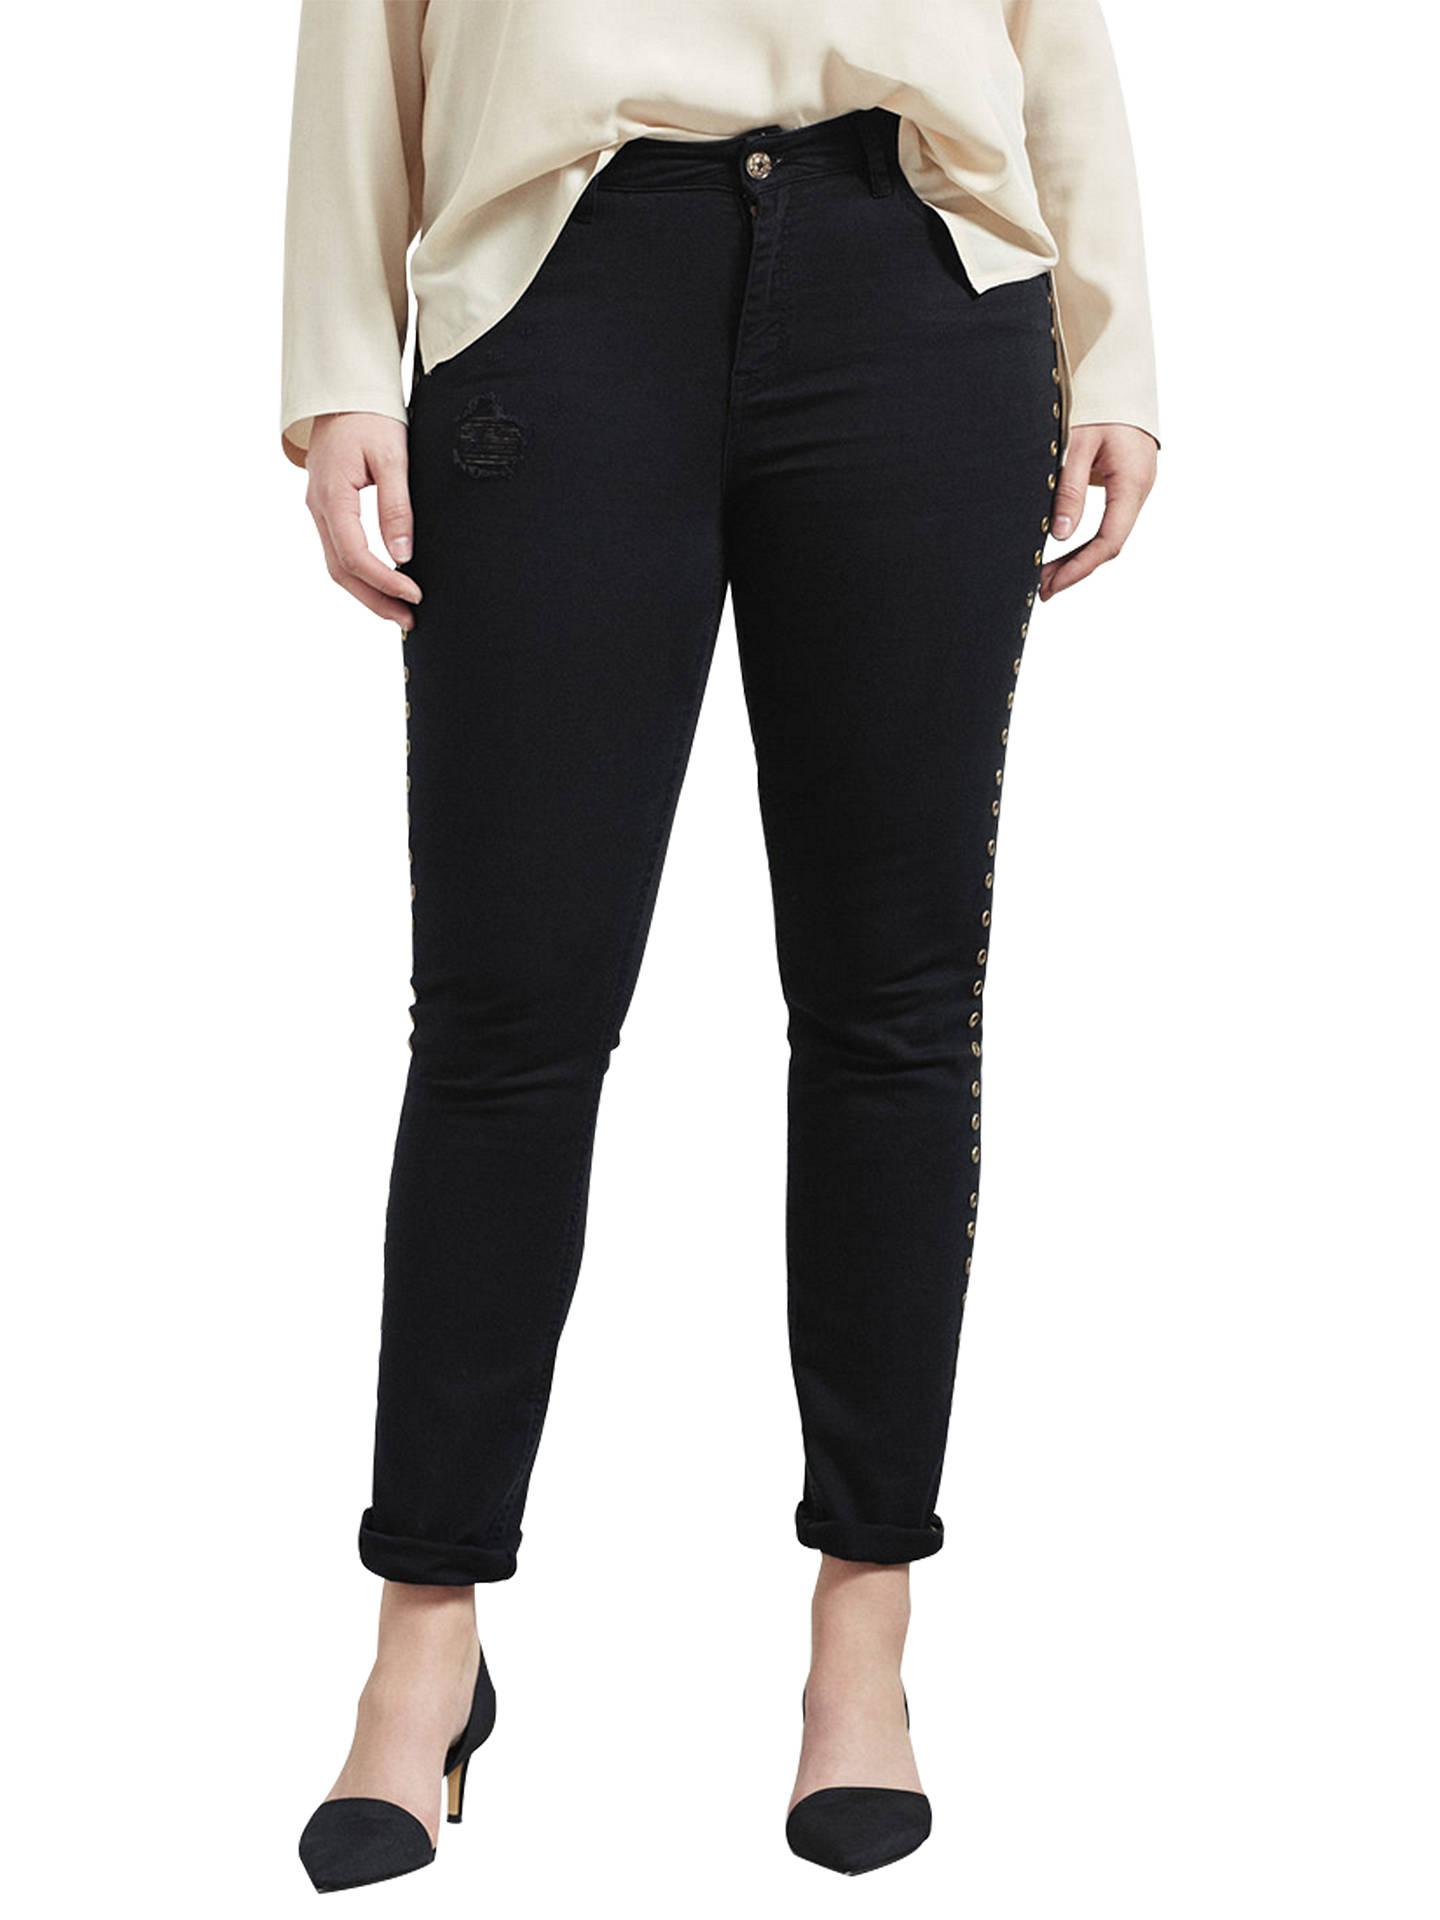 2a5642ed2abe1c Buy Violeta by Mango Stud Detail Slim Fit Jeans, Black, 14 Online at  johnlewis ...